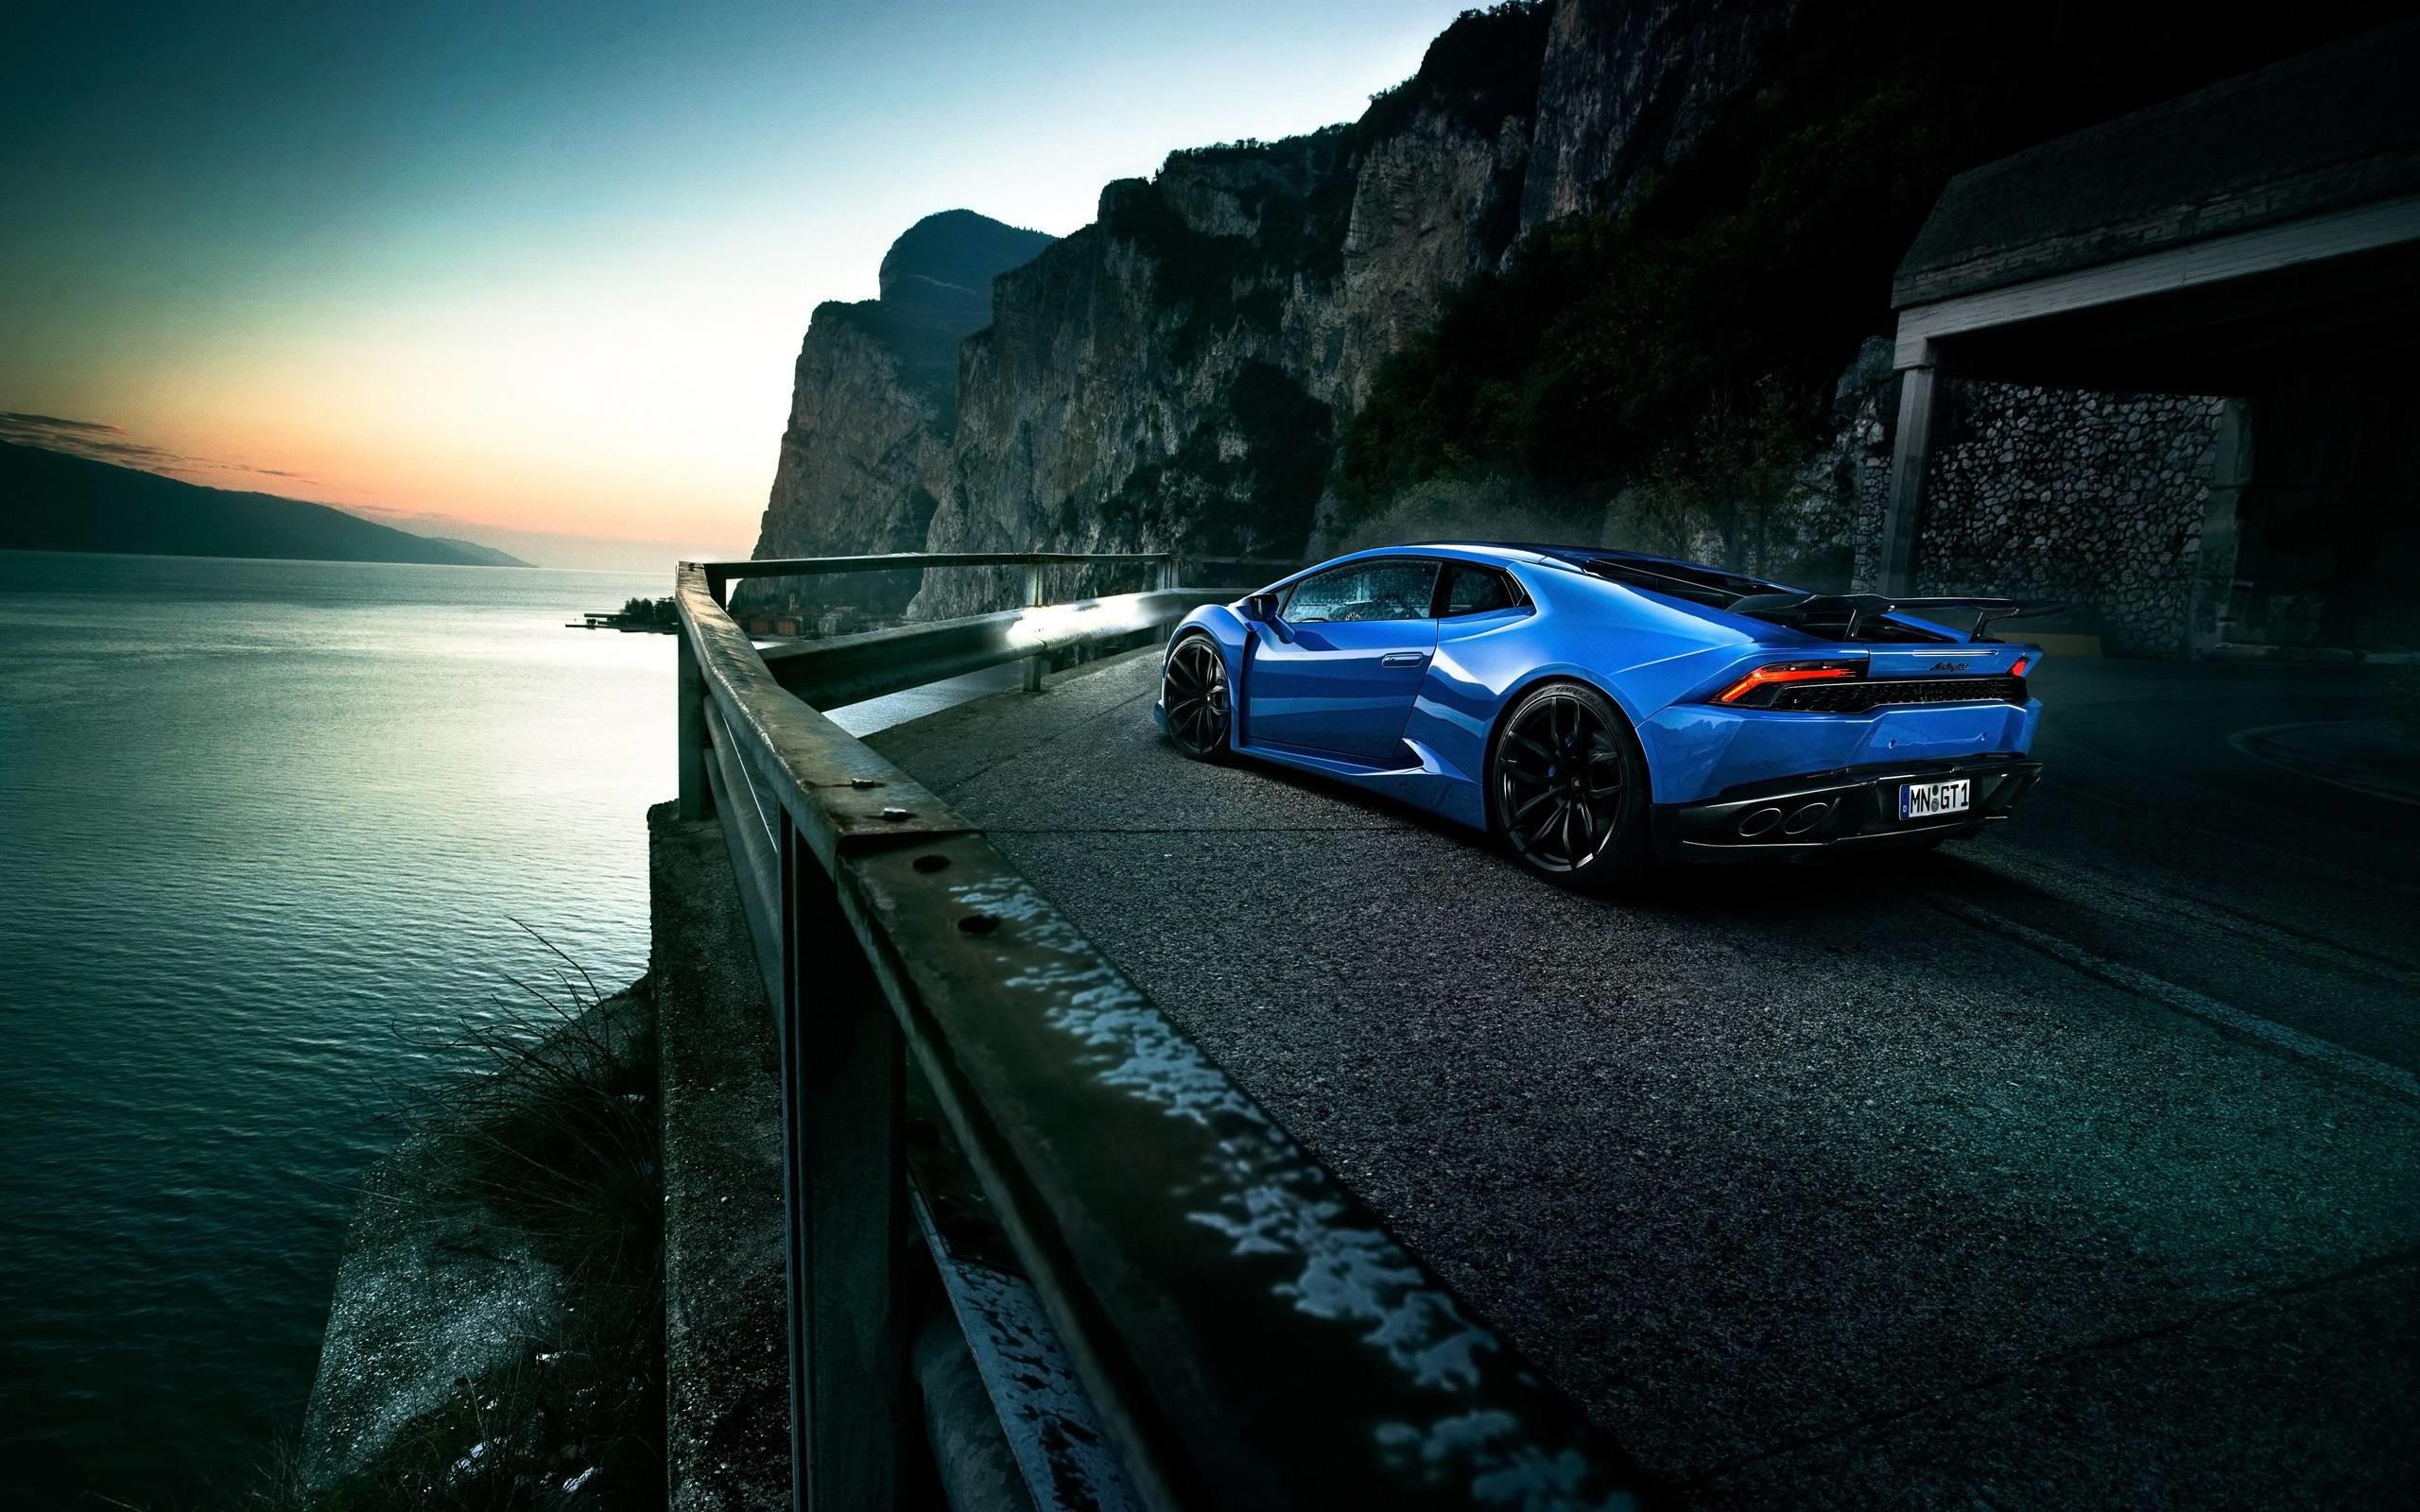 Lamborghini Huracan Wallpapers 71 Images